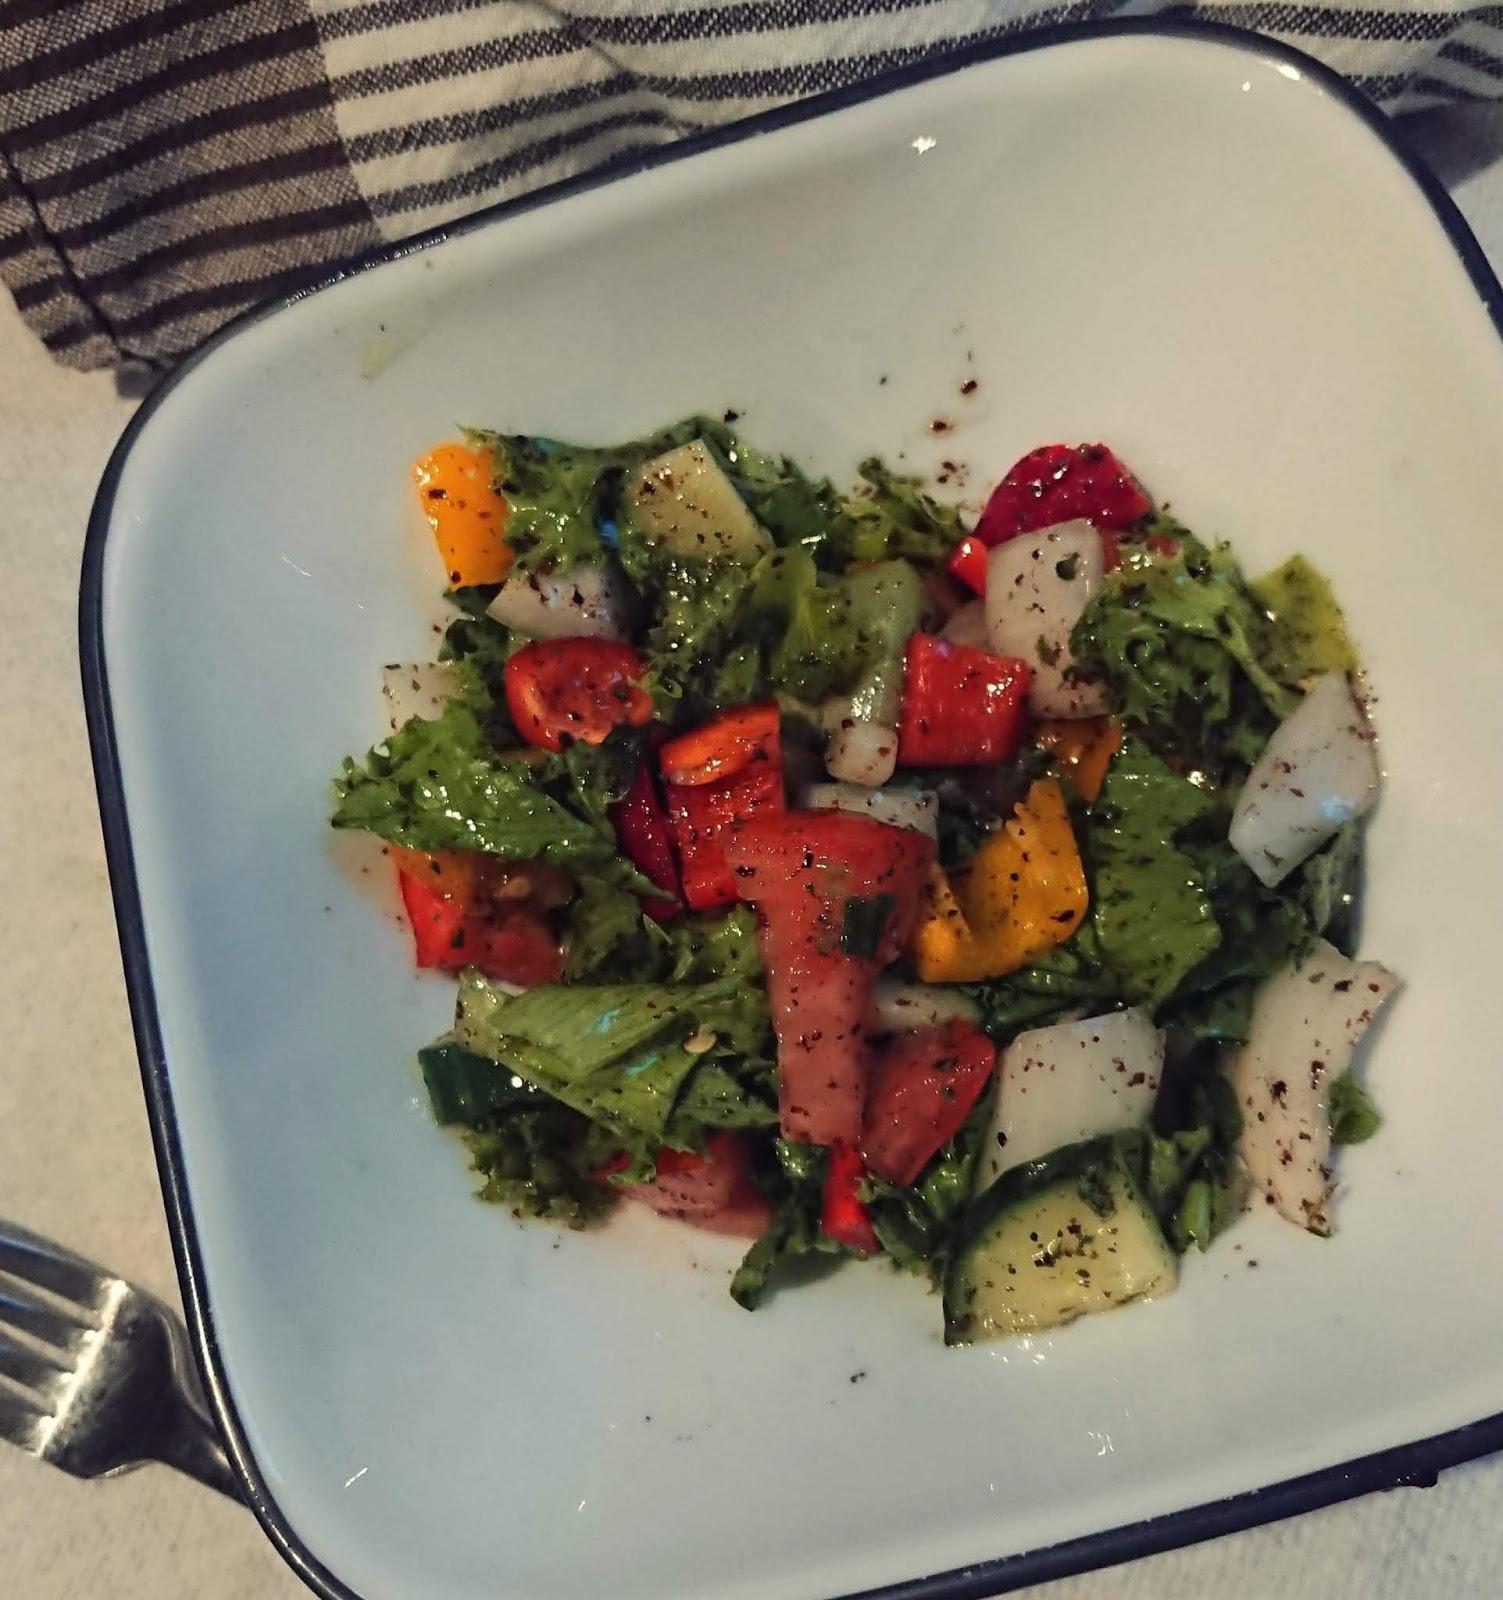 Gluten Free Vinegar Free Mediterranean Salad